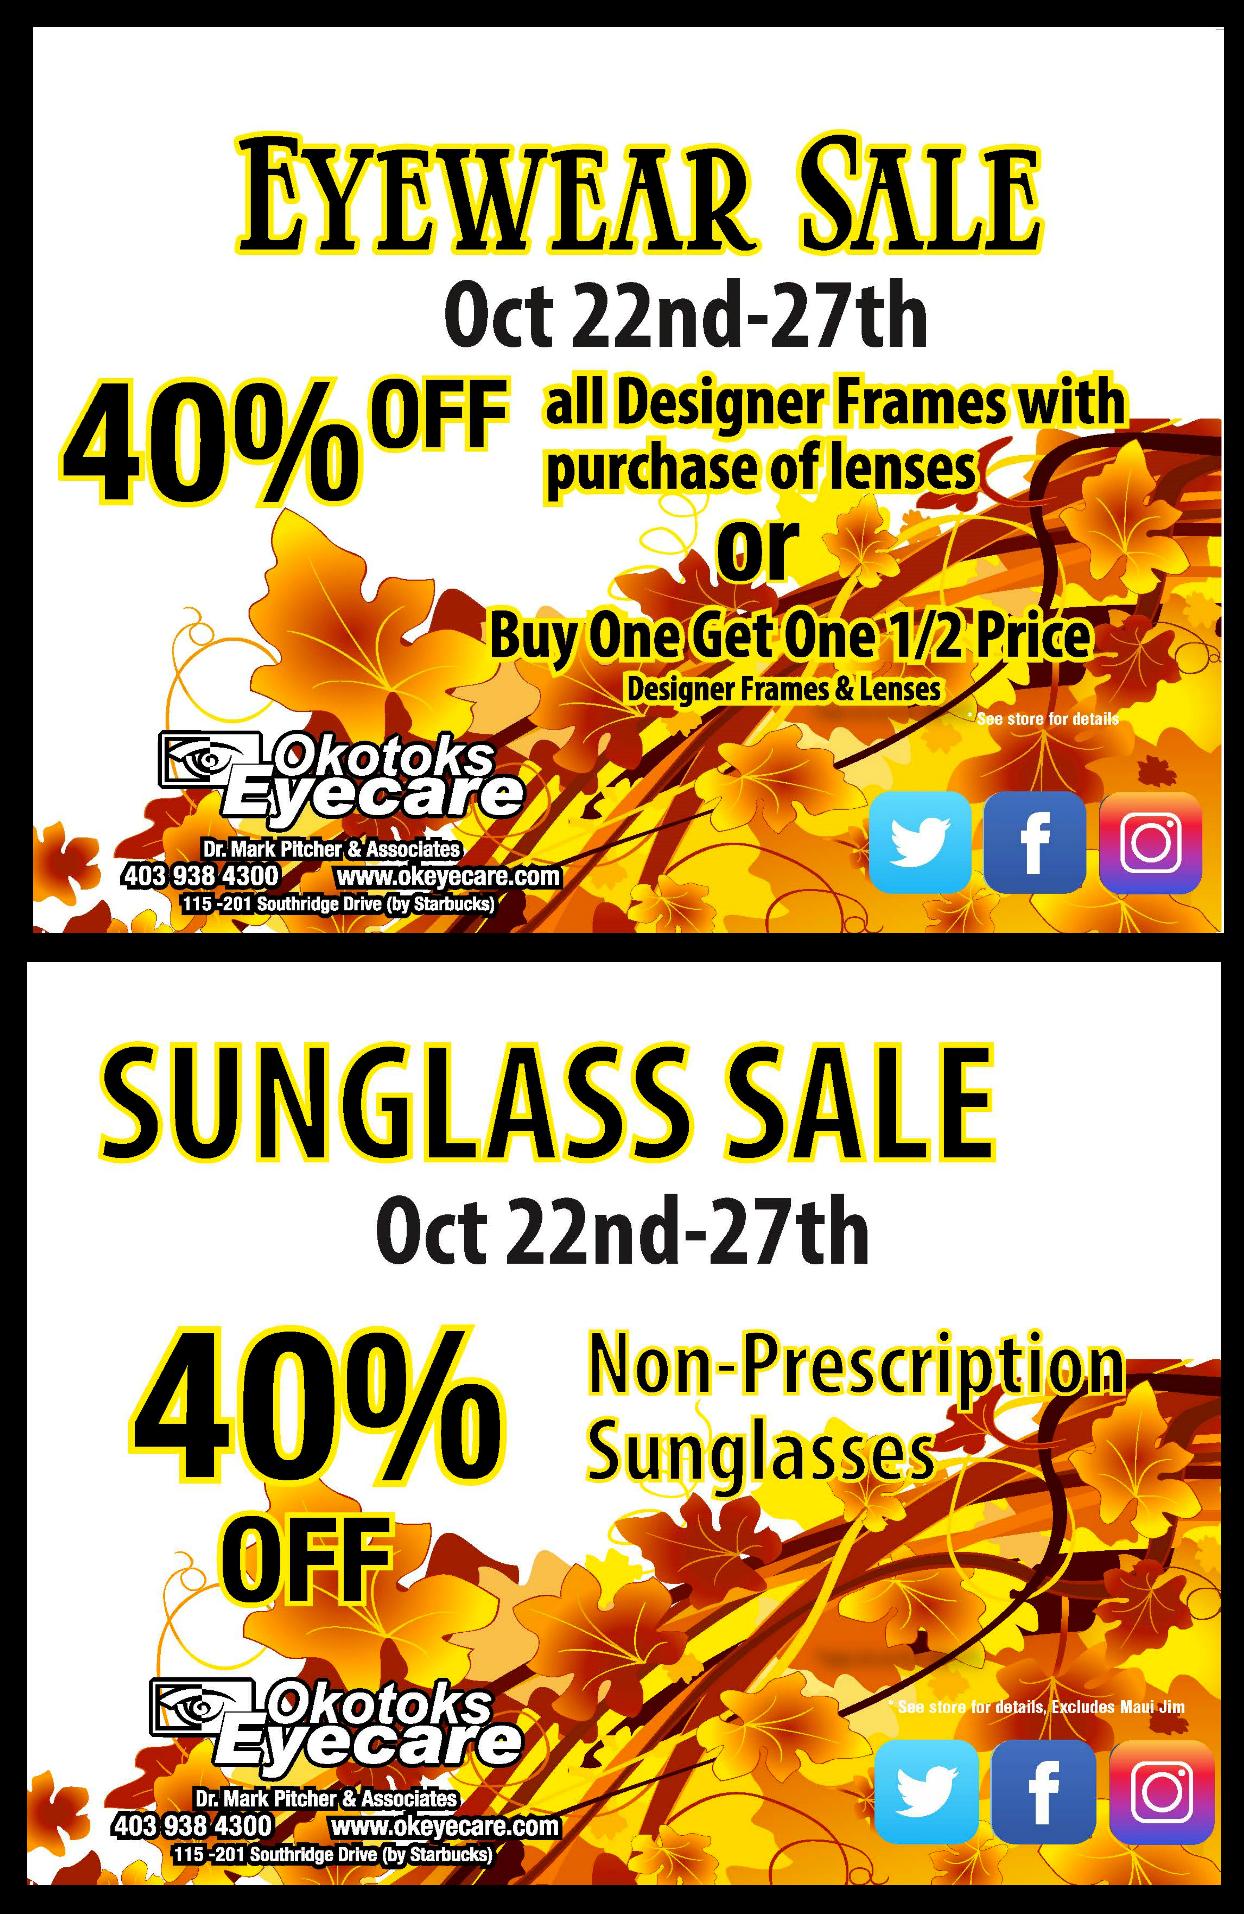 Okotoks Eyecare ads